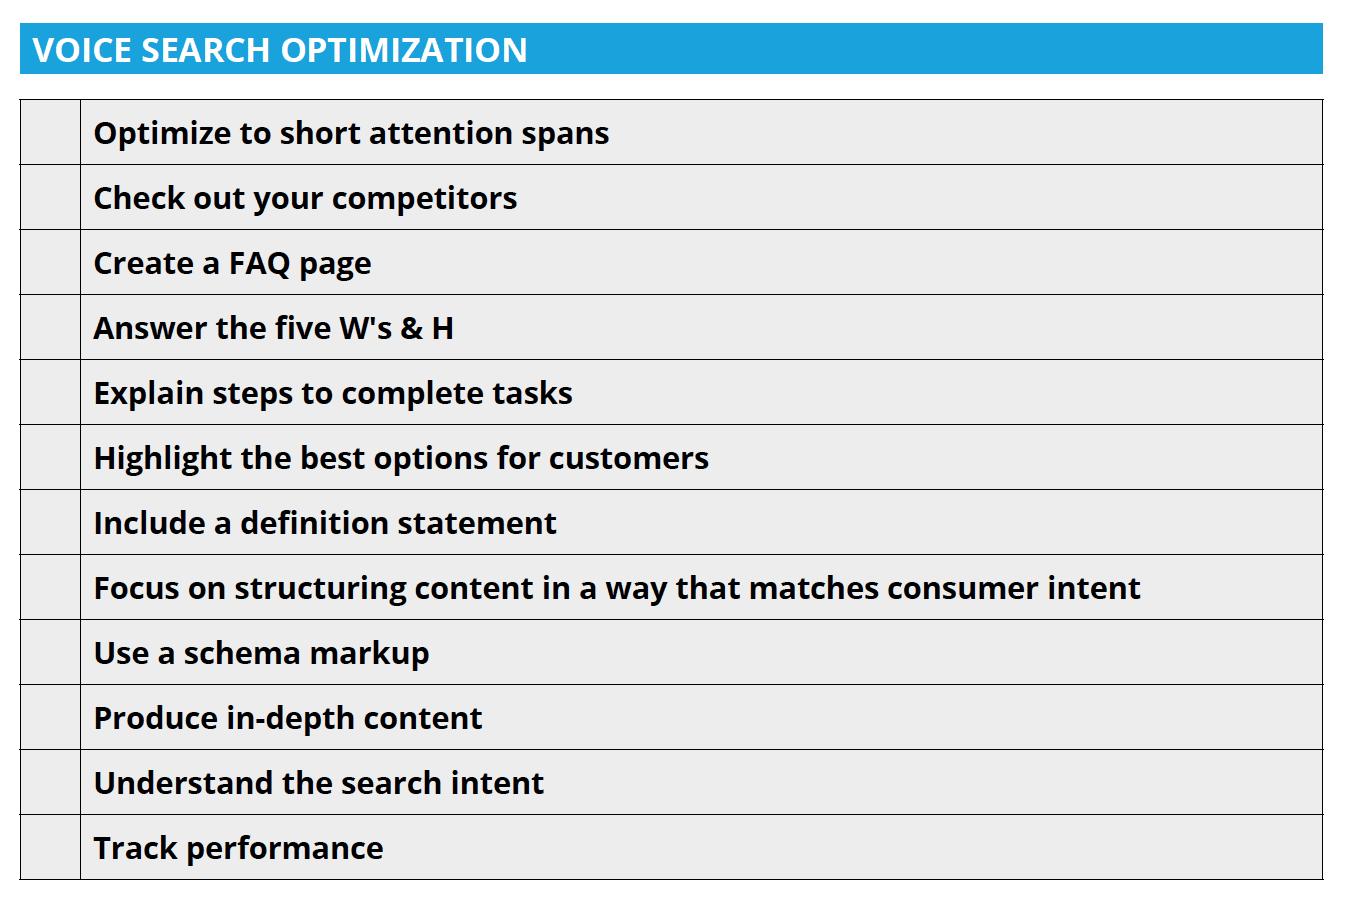 Voice Search Checklist